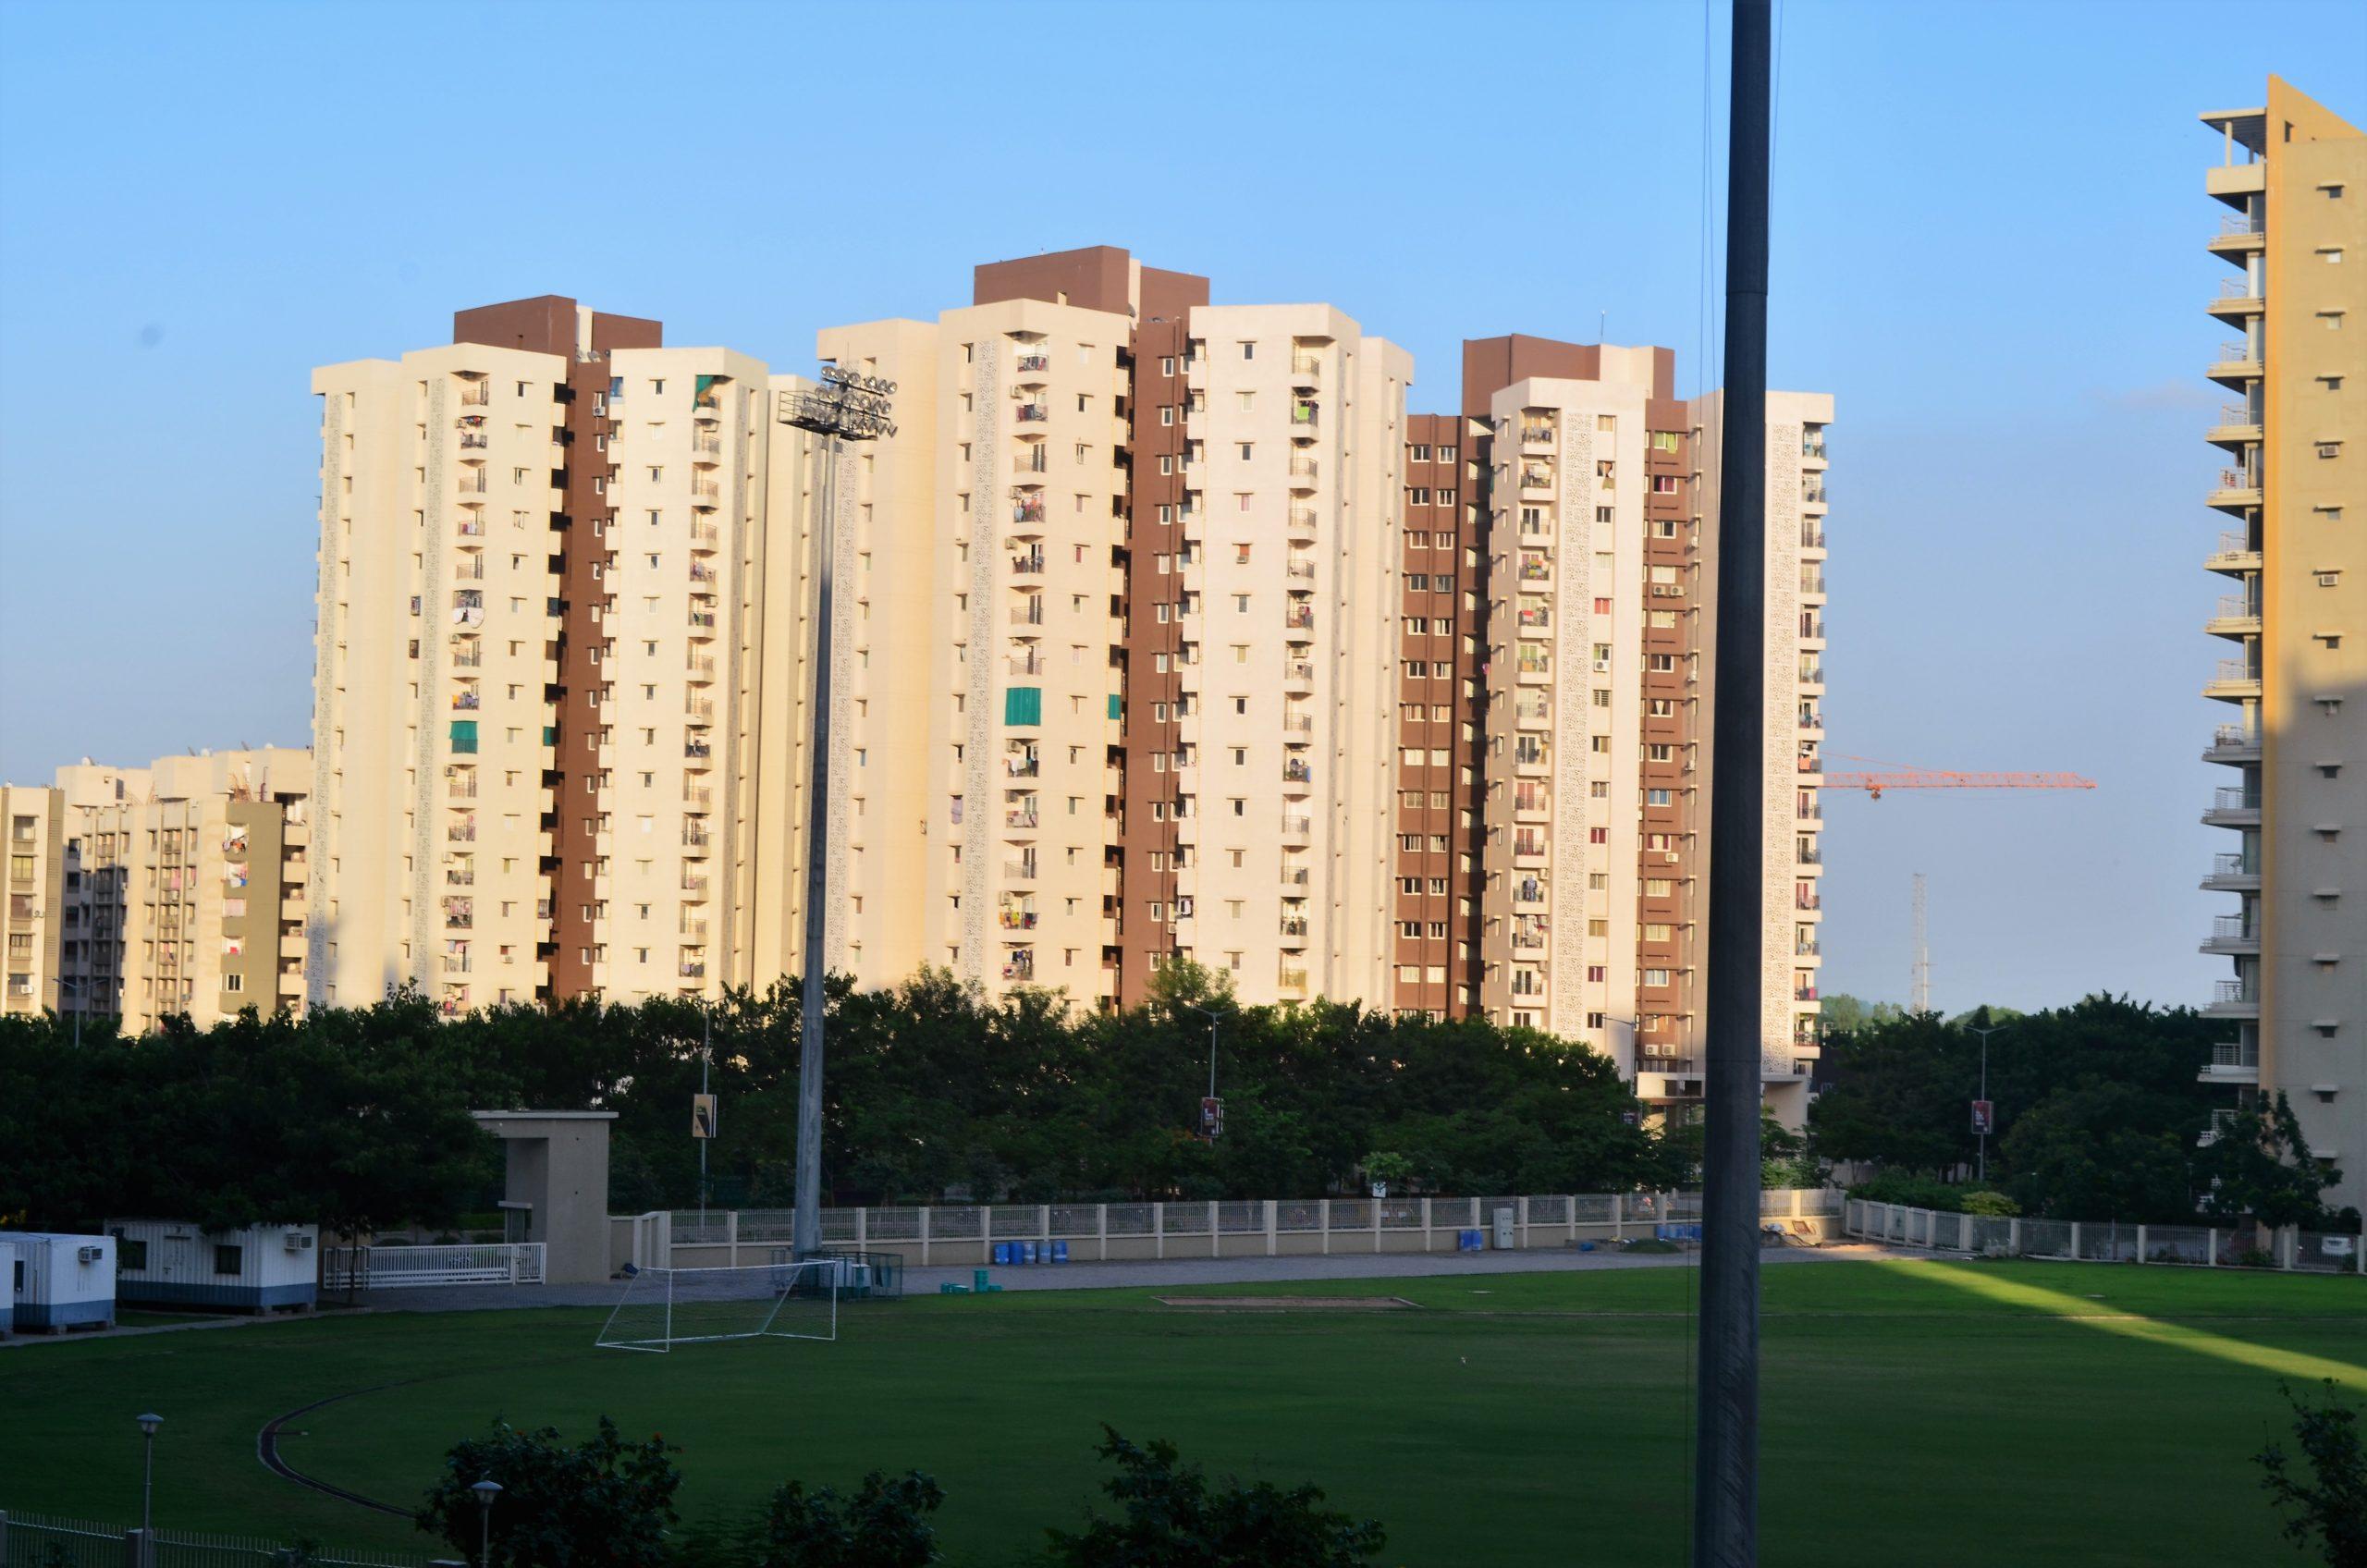 Buildings in Ahmedabad